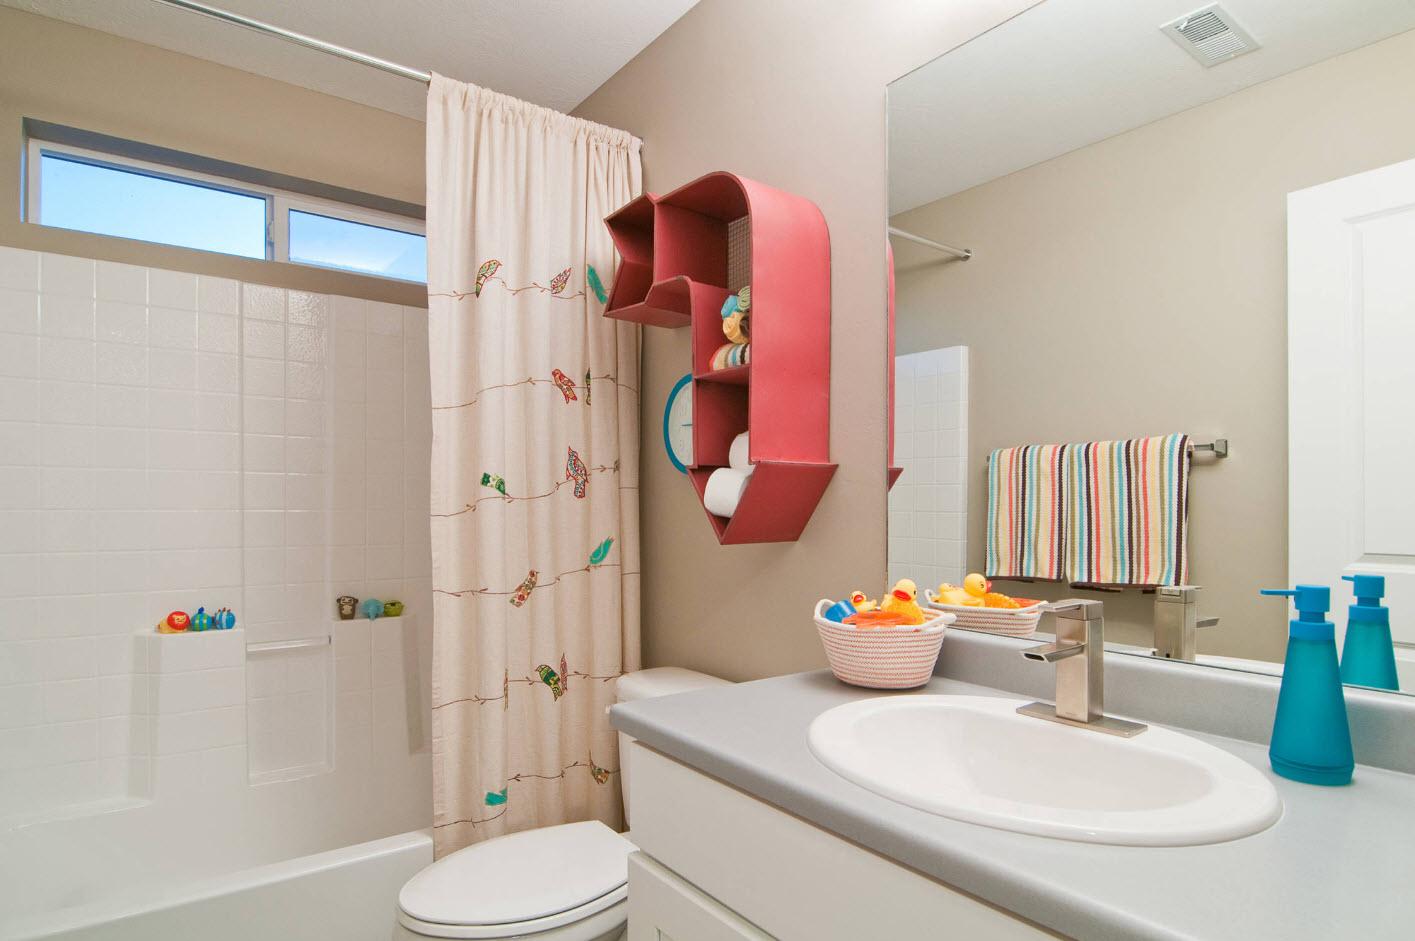 16 7 - Идеи и советы для ремонта в ванной комнате